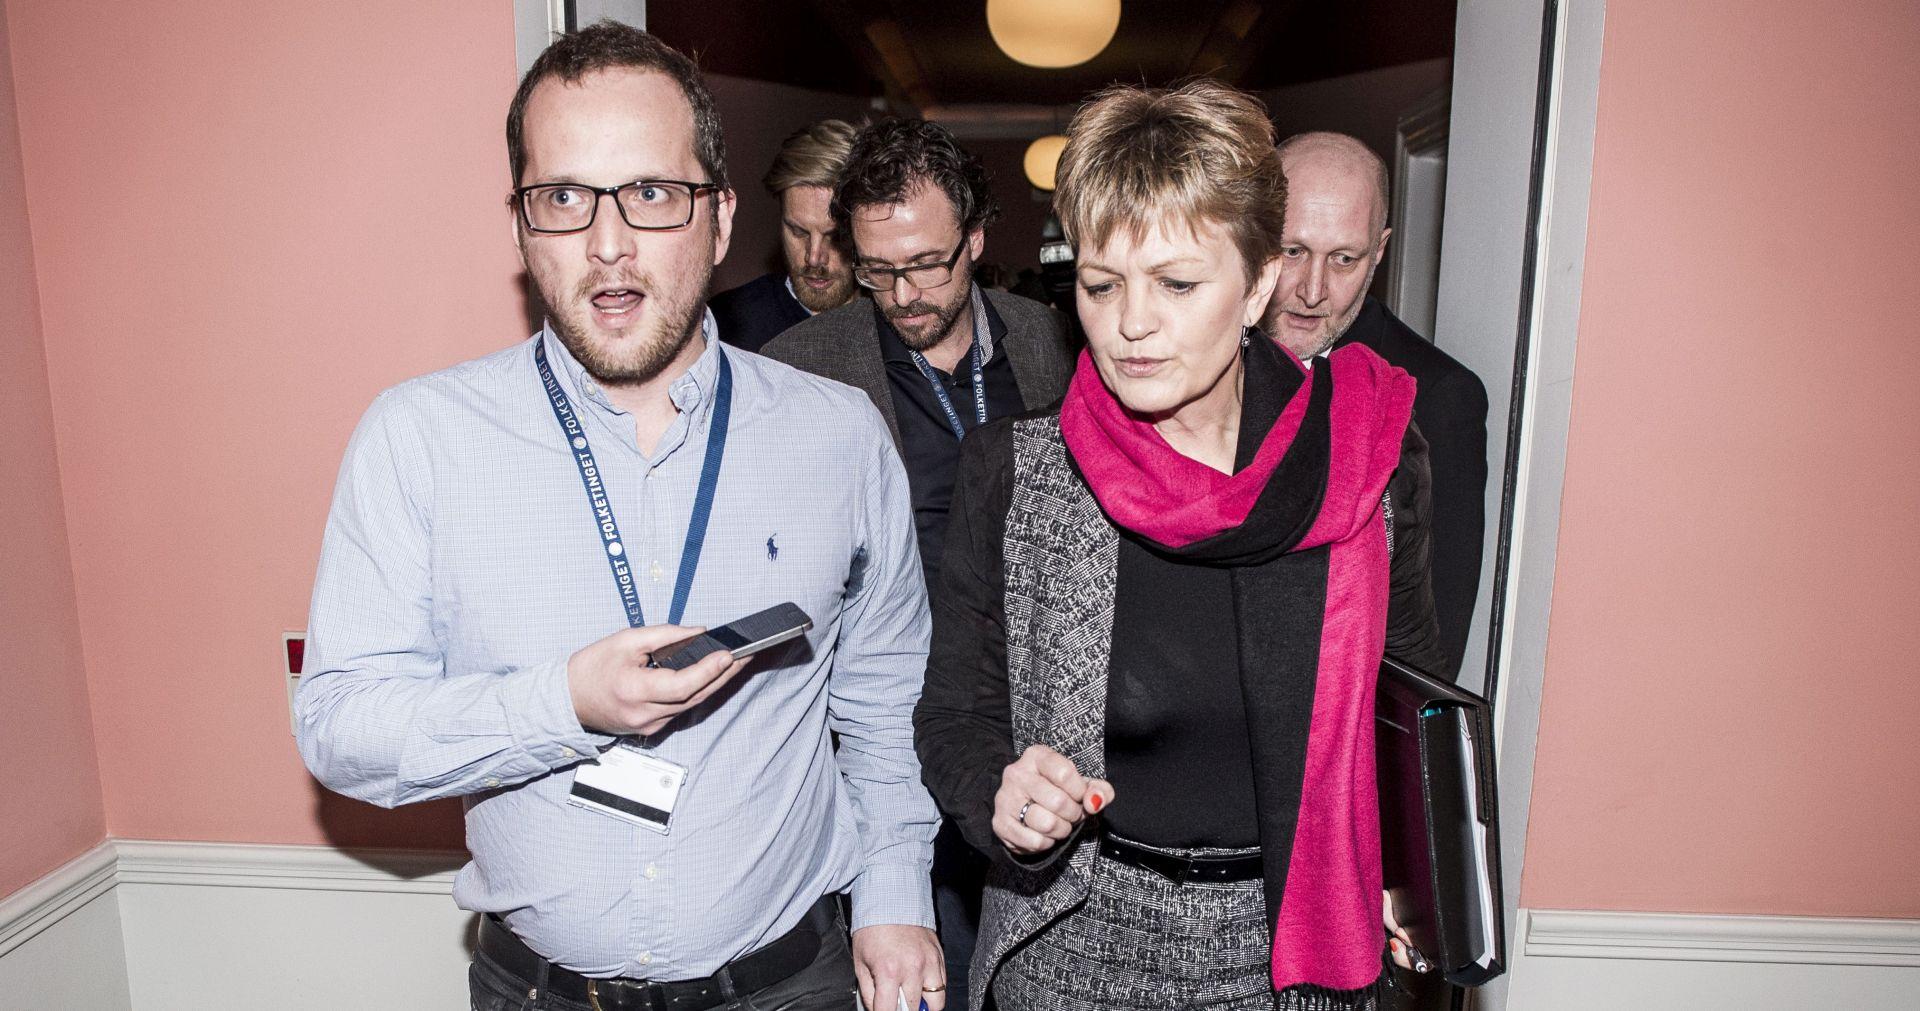 GUBITAK POTPORE U PARLAMENTU: Danska ministrica okoliša i hrane odstupila nakon kritika